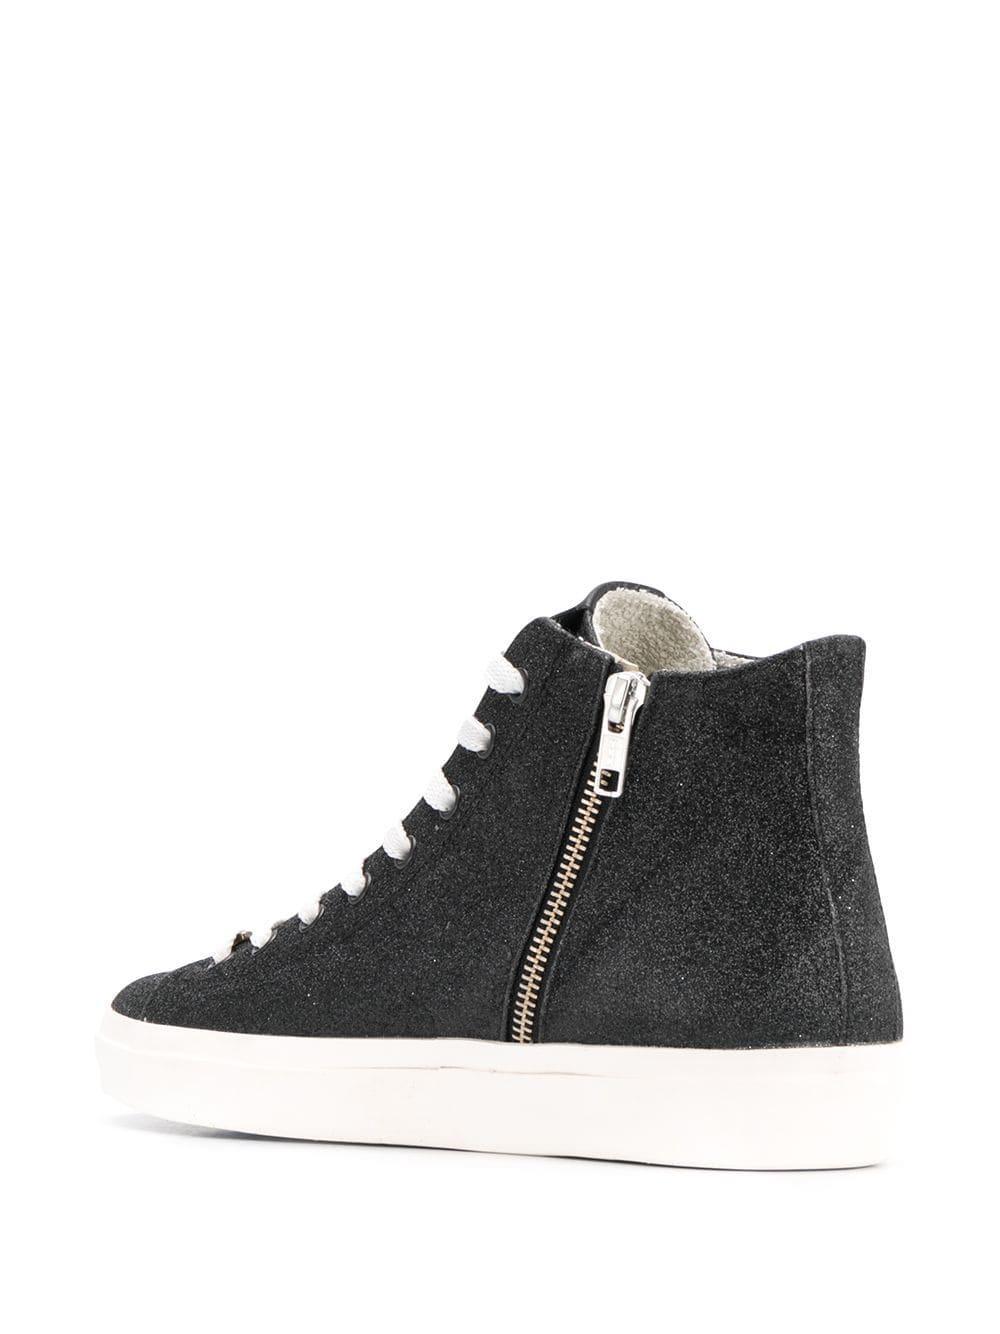 Zapatillas altas con logo Leather Crown de Caucho de color Negro